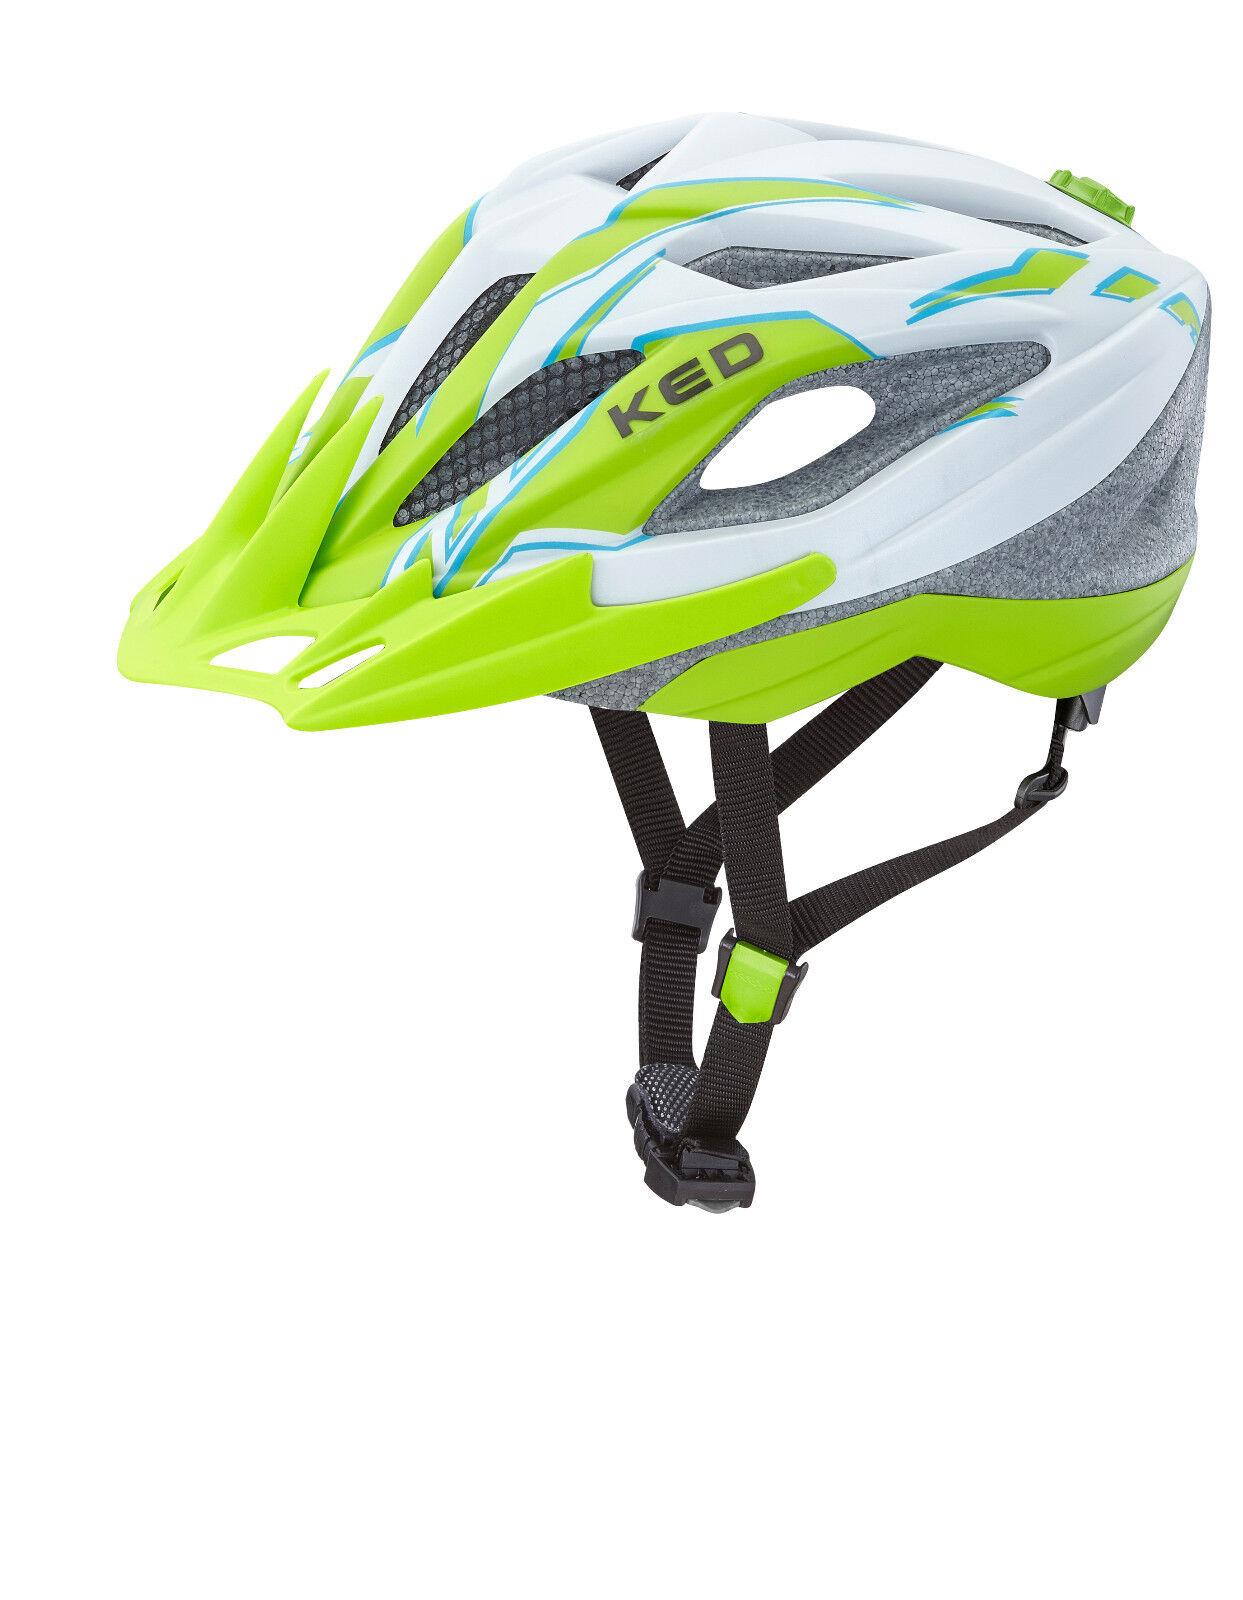 KED Fahrradhelm Street Junior Pro Pearl grün matt   Gr. S 49-55 cm   17423154 S